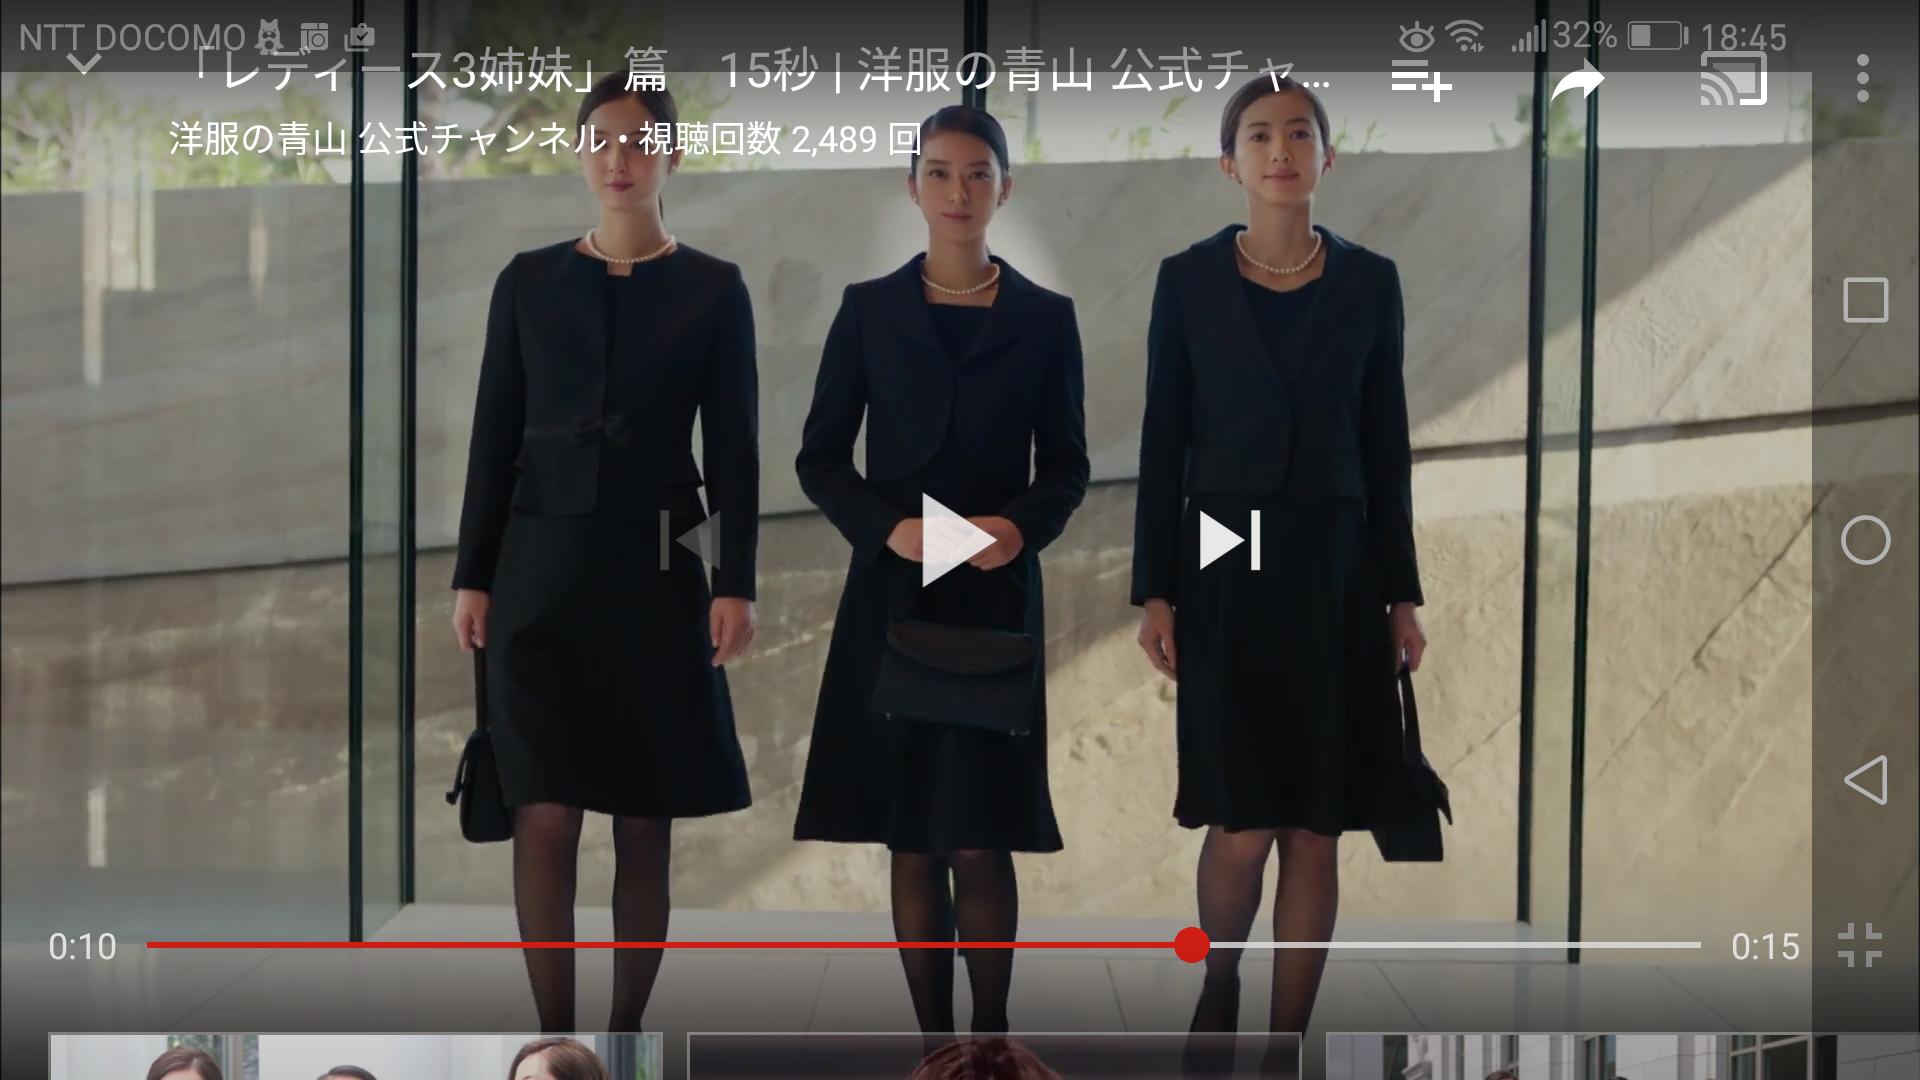 武井咲、佐々木希、高垣麗子がスーツ姿を披露!かっこいいオフィスレディ3姉妹に